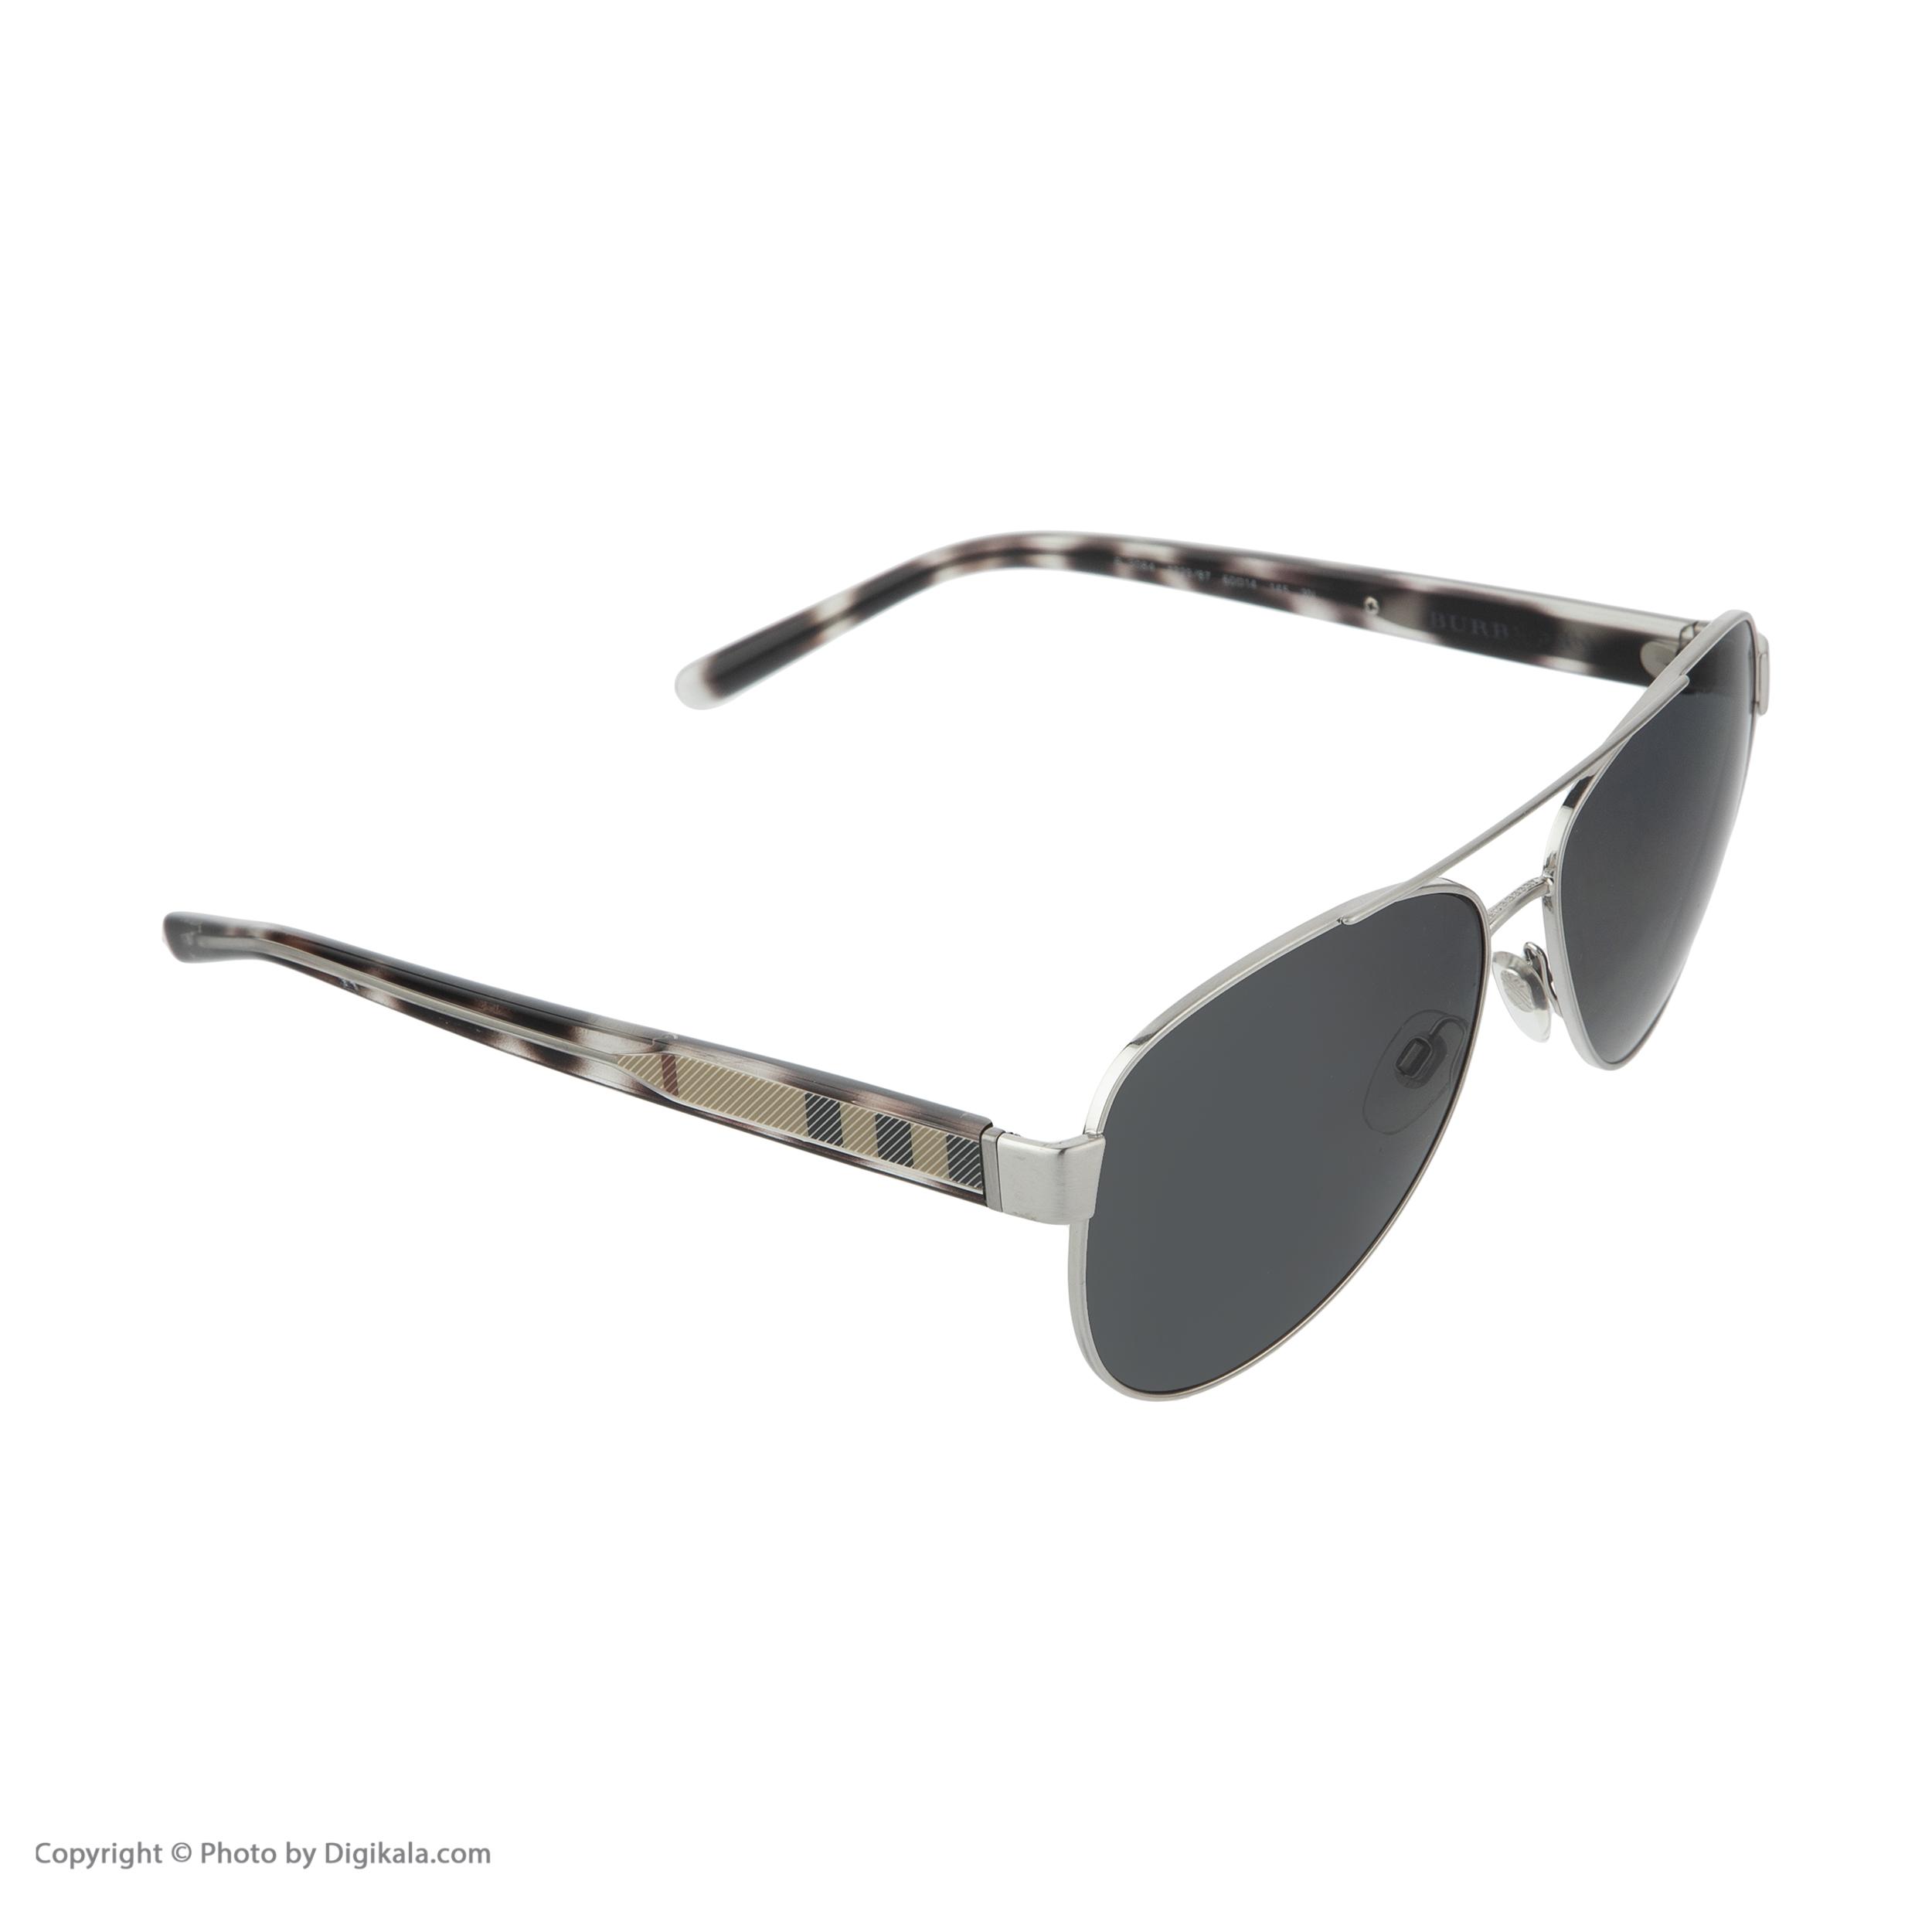 عینک آفتابی زنانه بربری مدل BE 3084S 122987 60 -  - 5